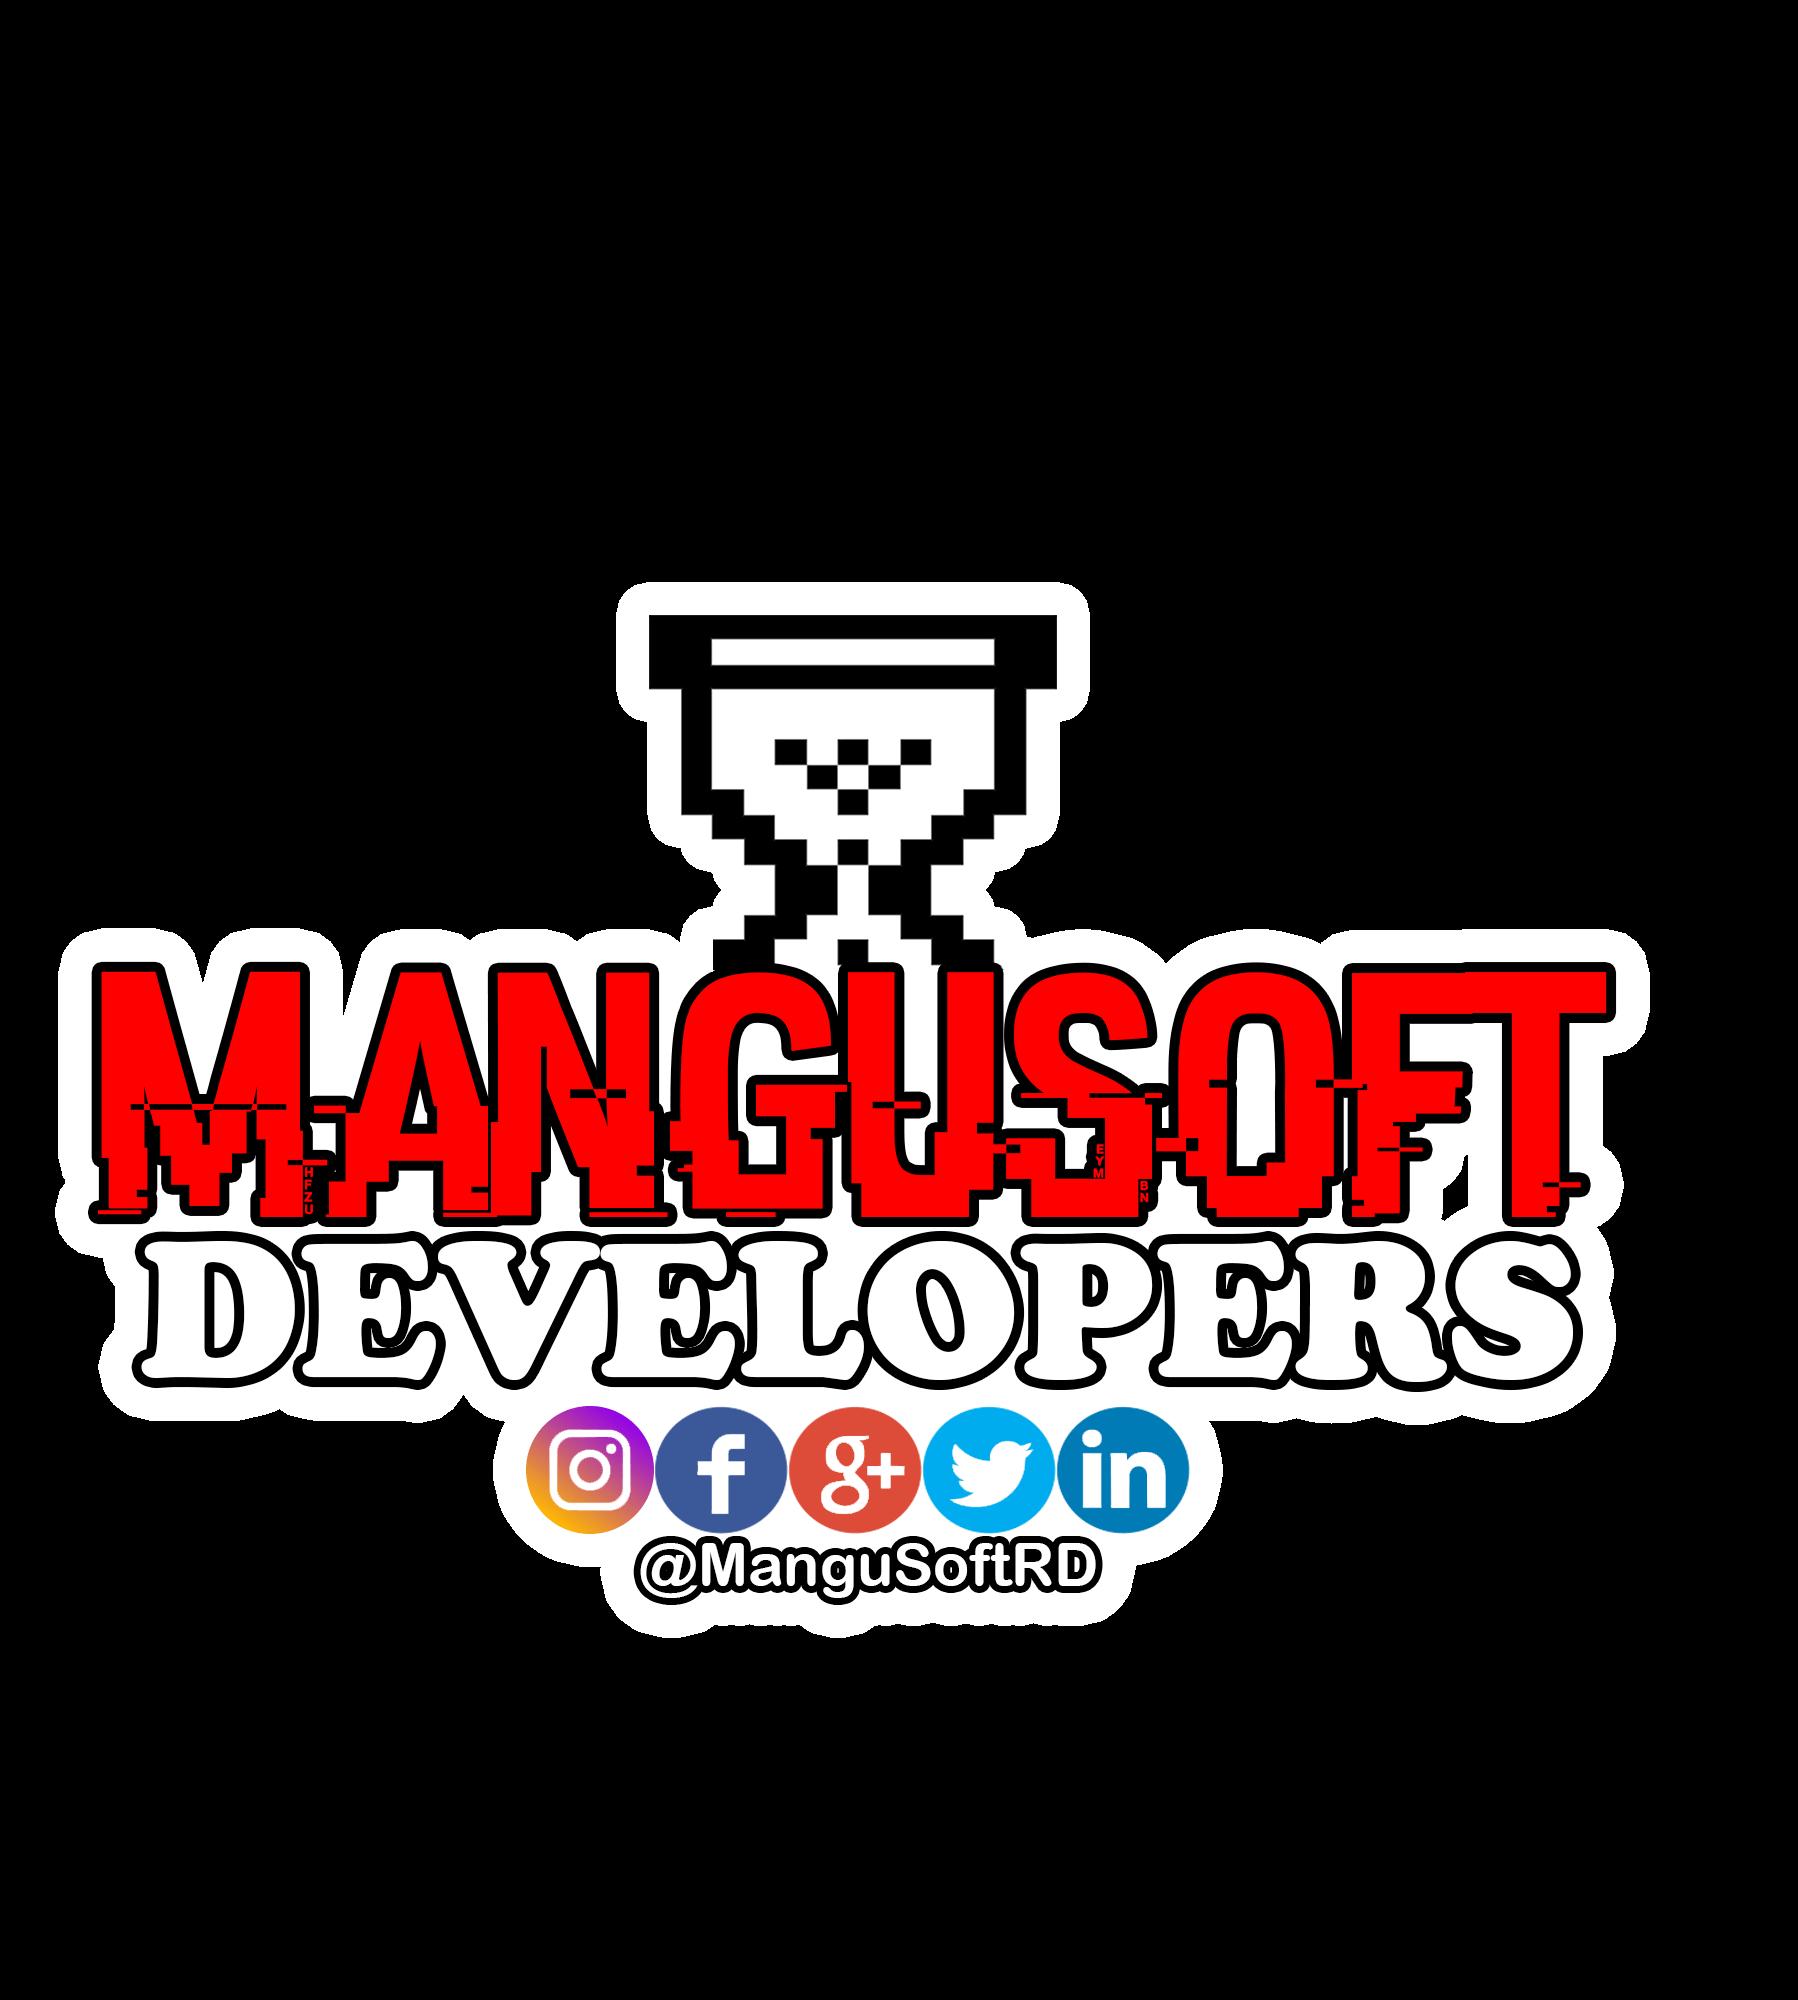 ManguSoft